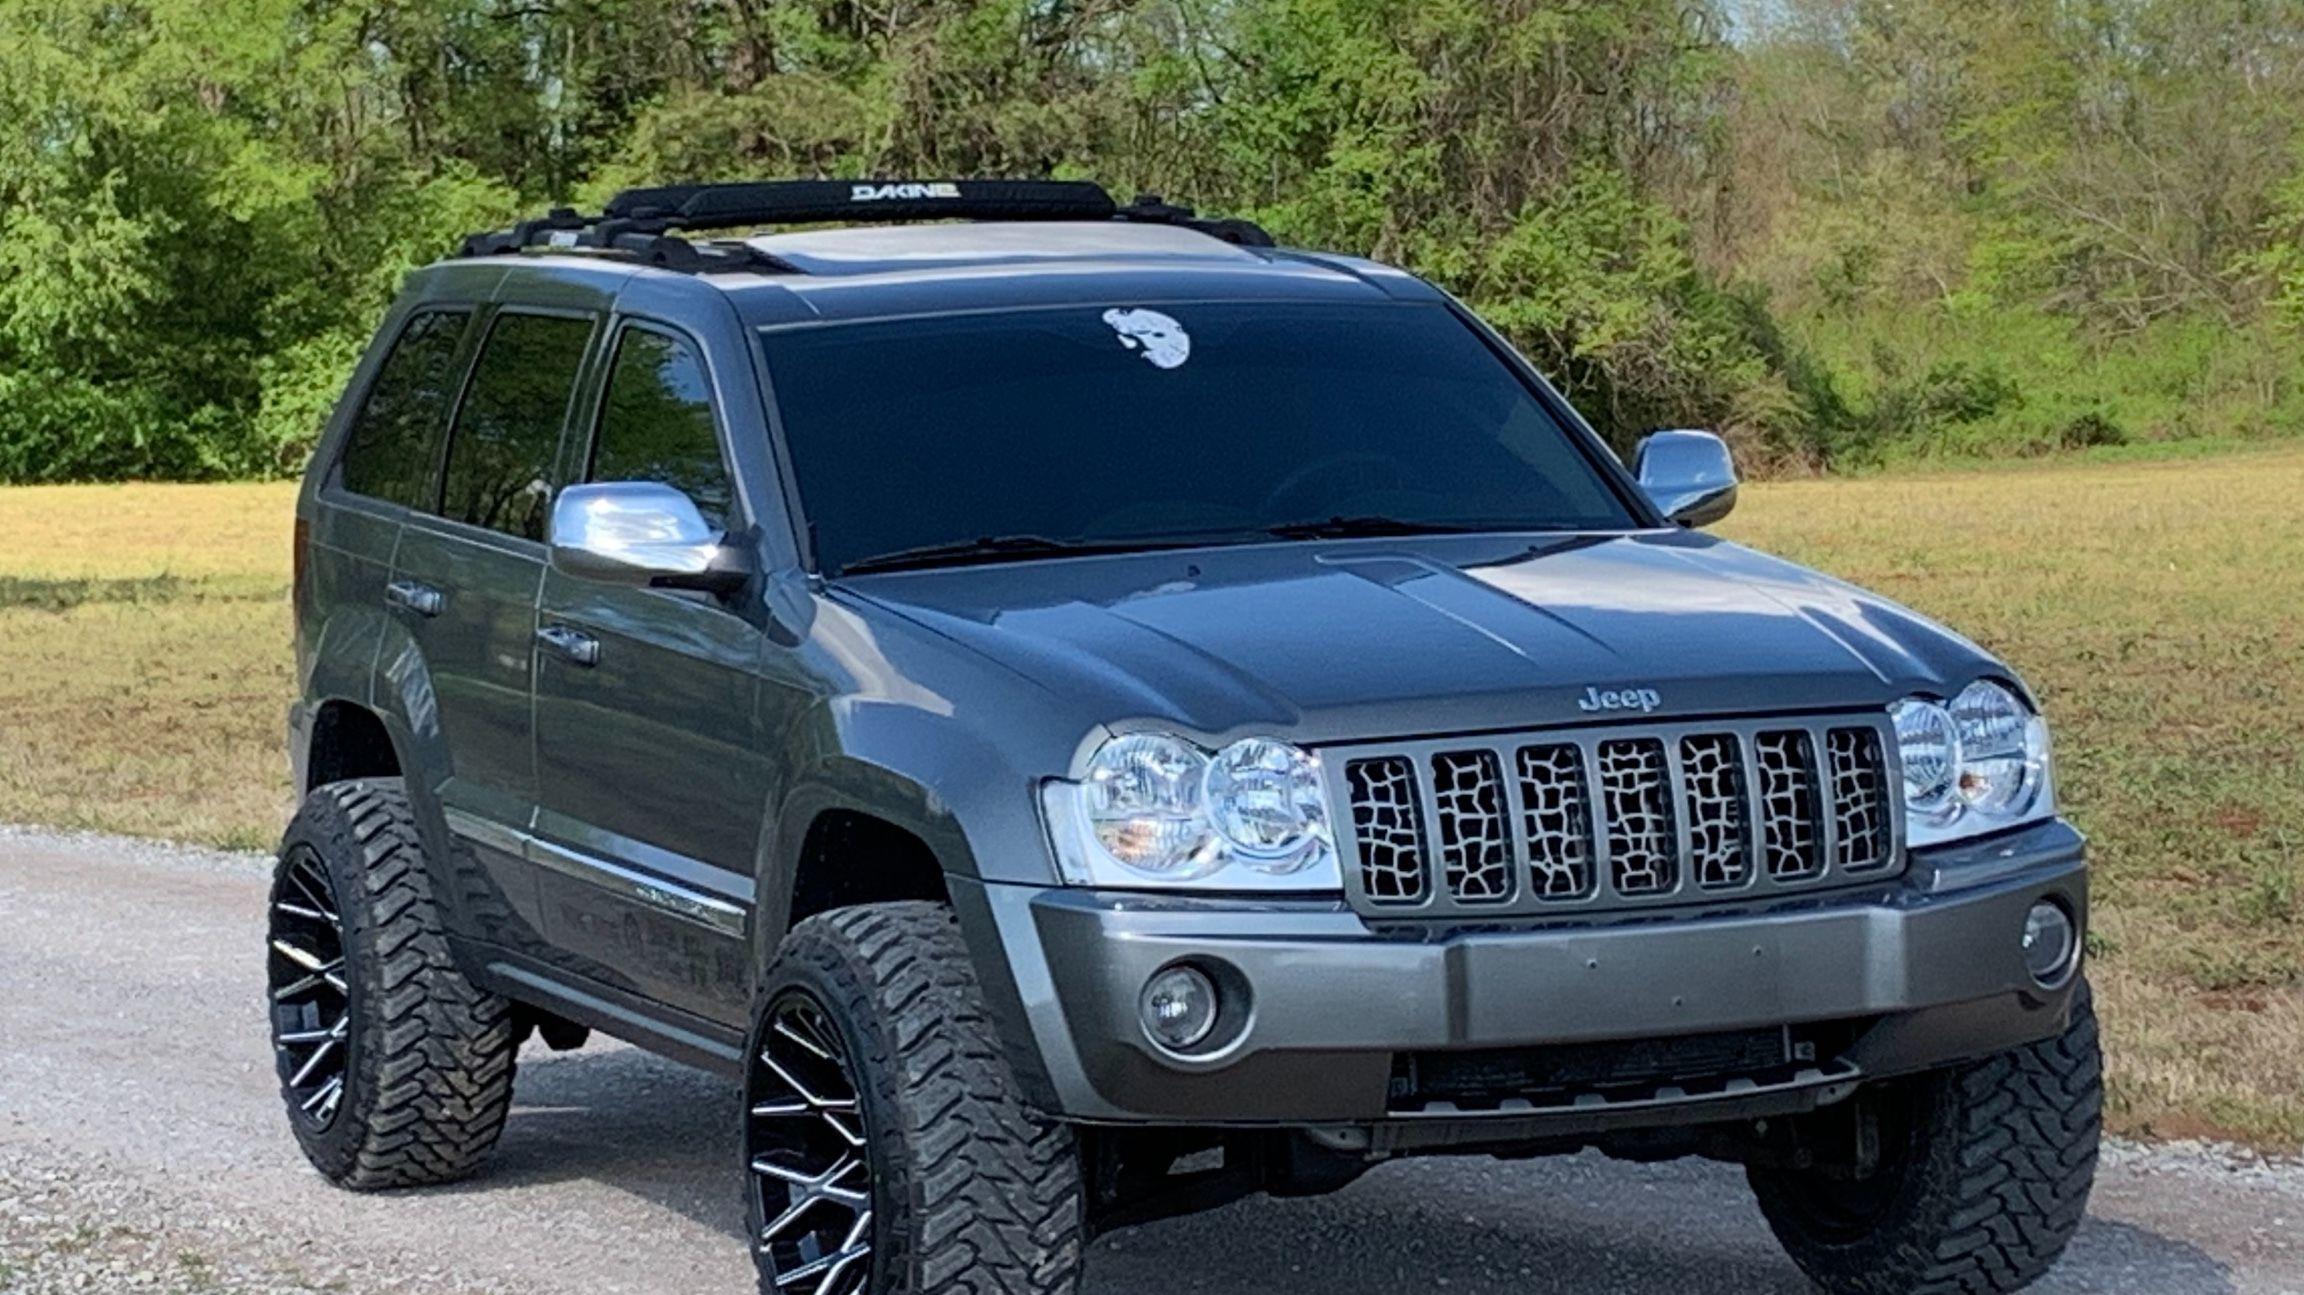 2007 Jeep Grand Cherokee Wk Laredo 4wd 4dr 4x4 Autos Y Motos